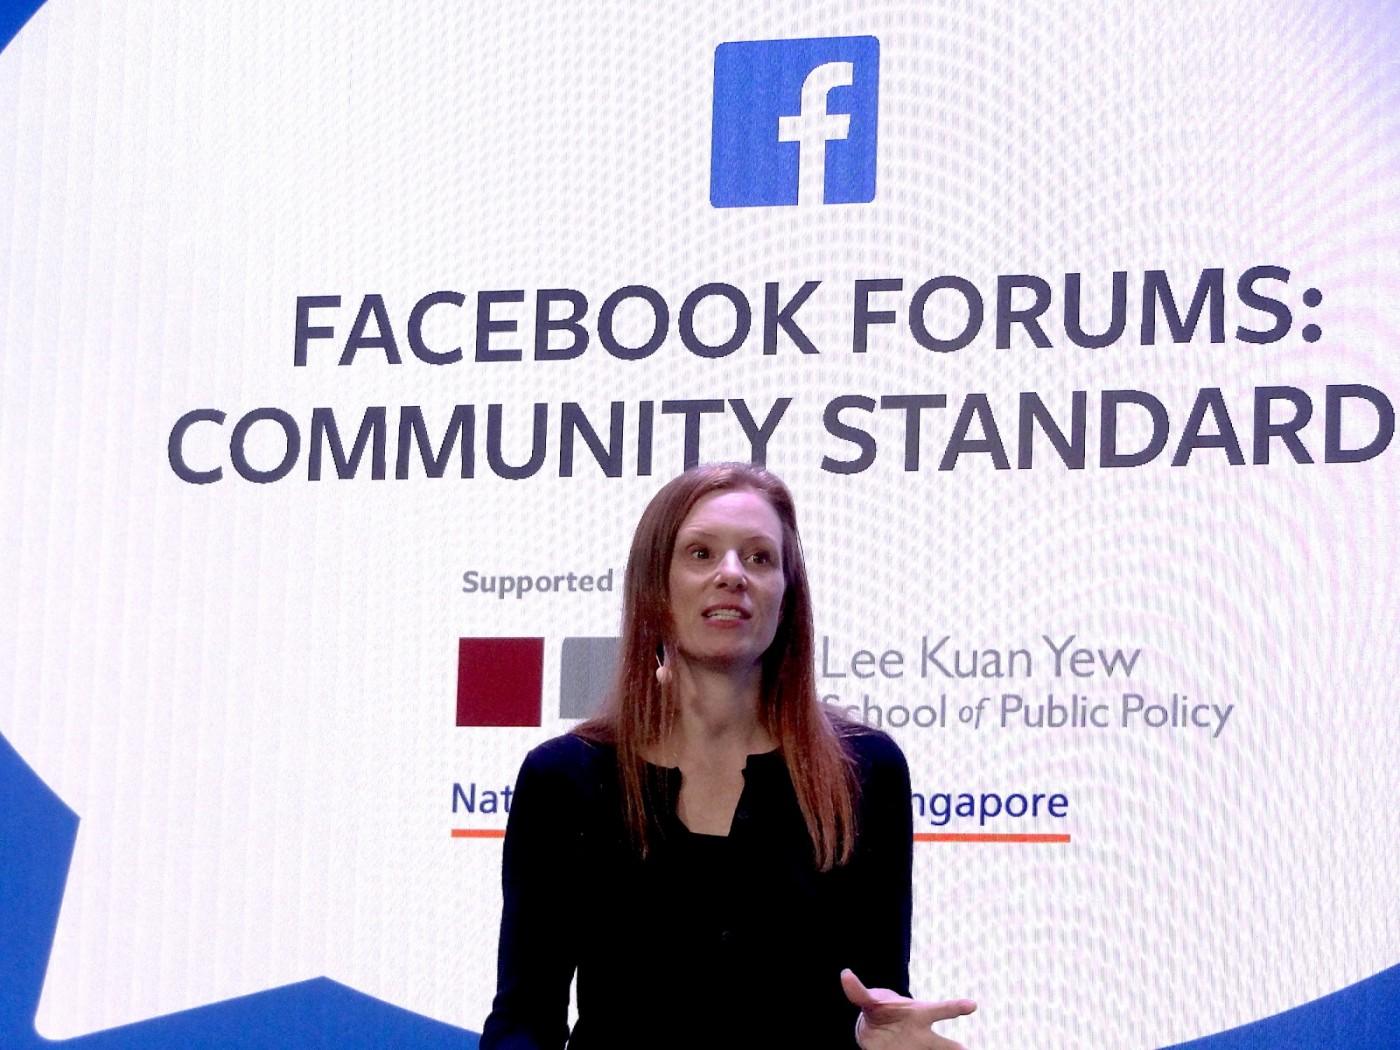 女將領軍,這些Facebook的保衛者如何守護言論淨土?